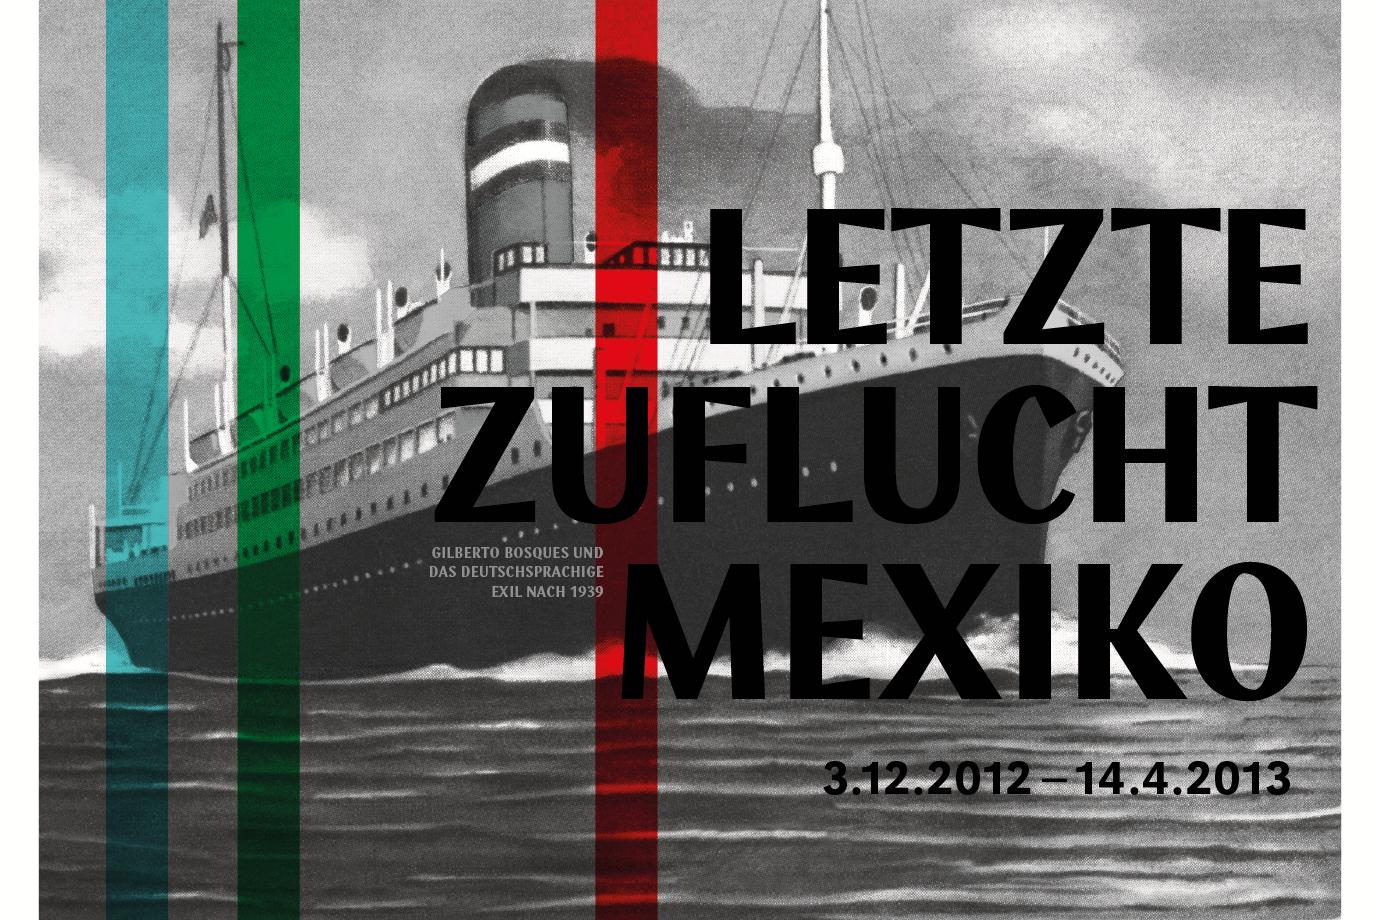 http://e-o-t.de/wordpress/wp-content/uploads/2017/03/2012_Letzte-Zuflucht-Mexiko_Poster_Bild01.jpg